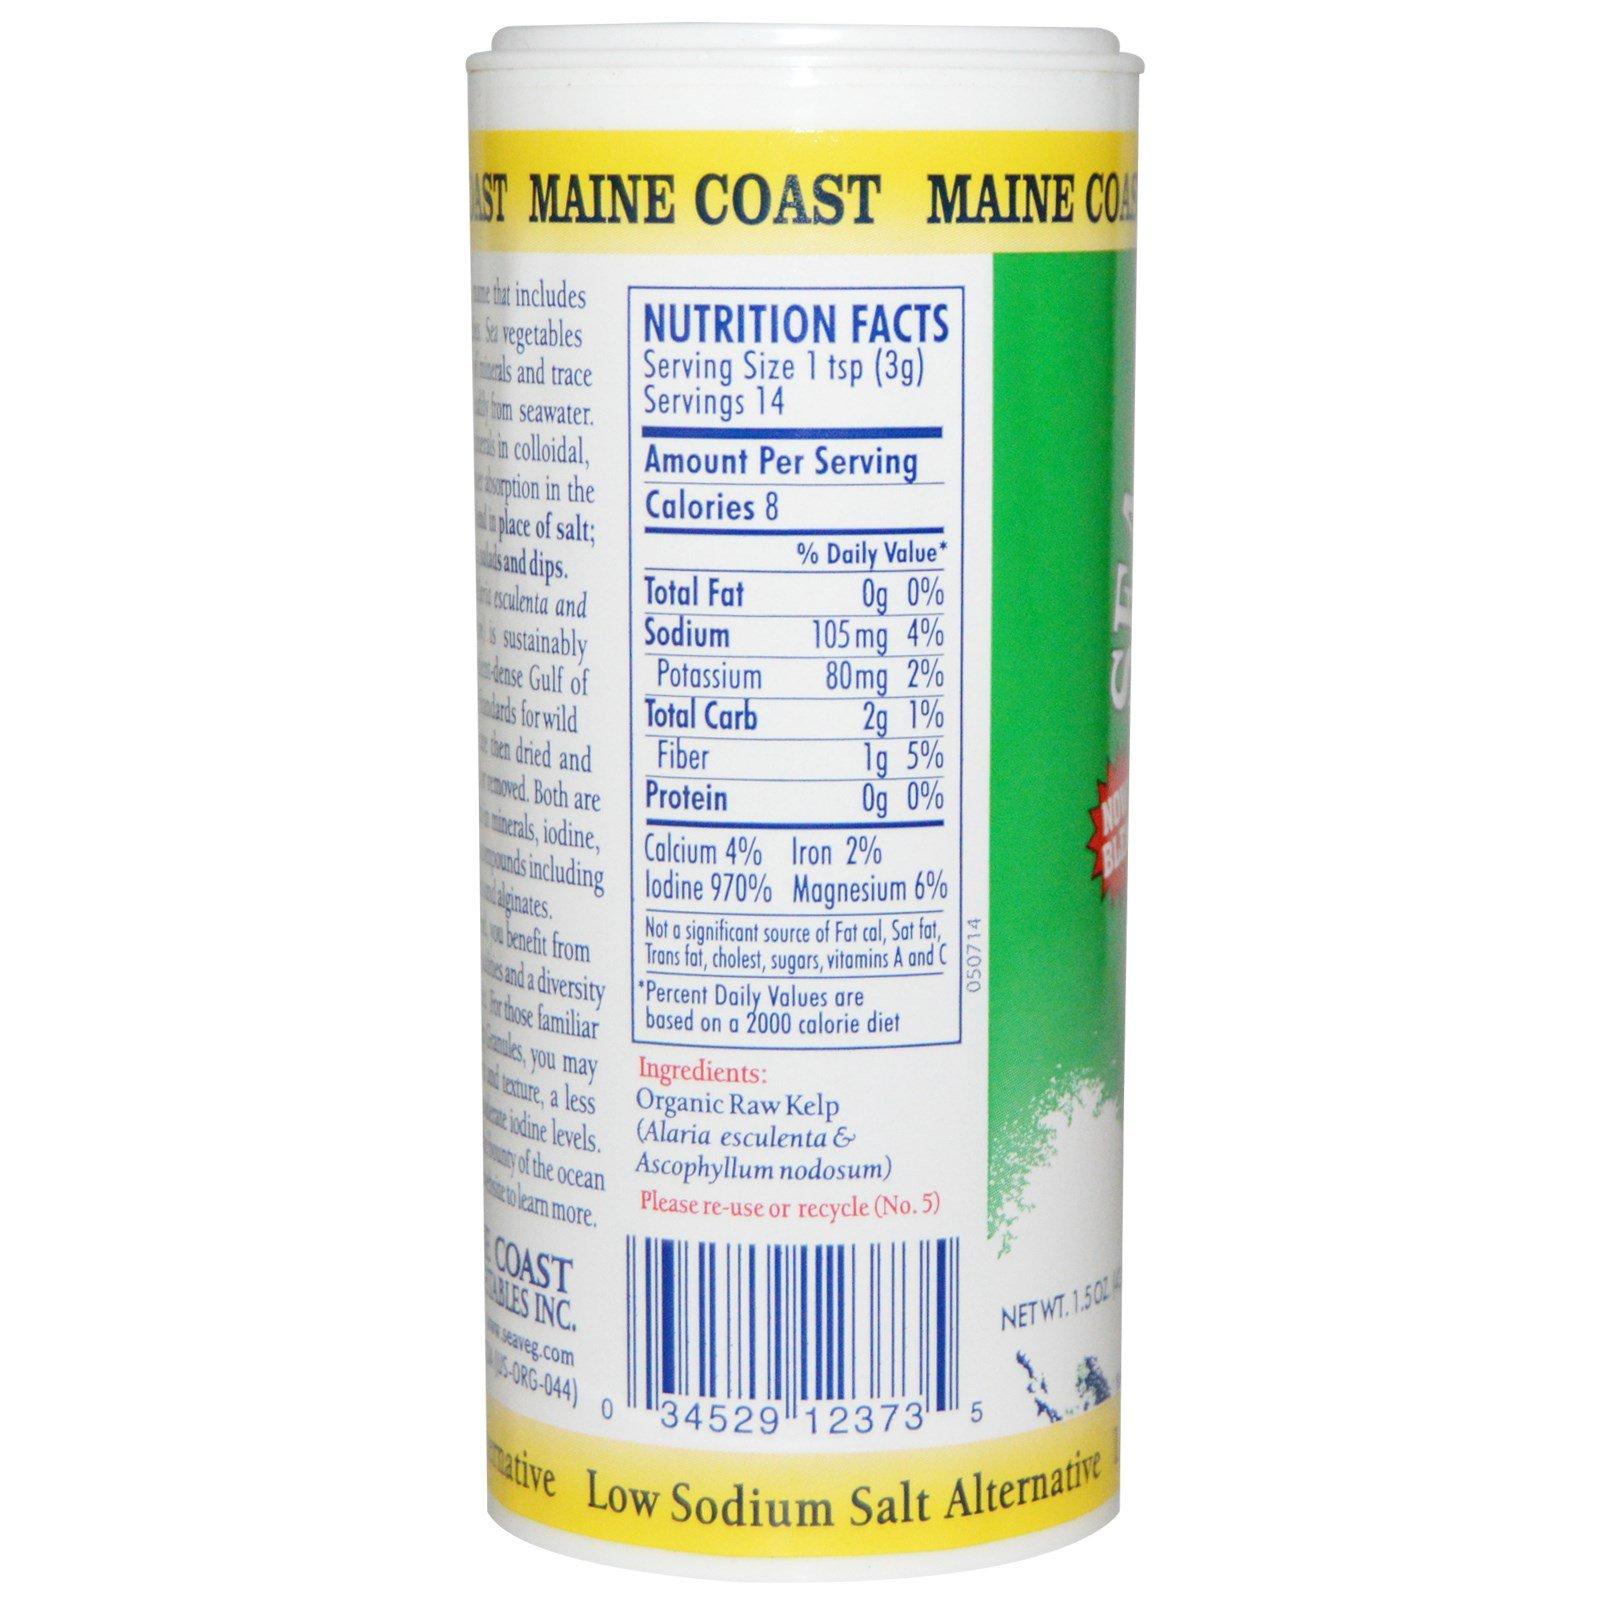 Maine Coast Sea Vegetables, Organic